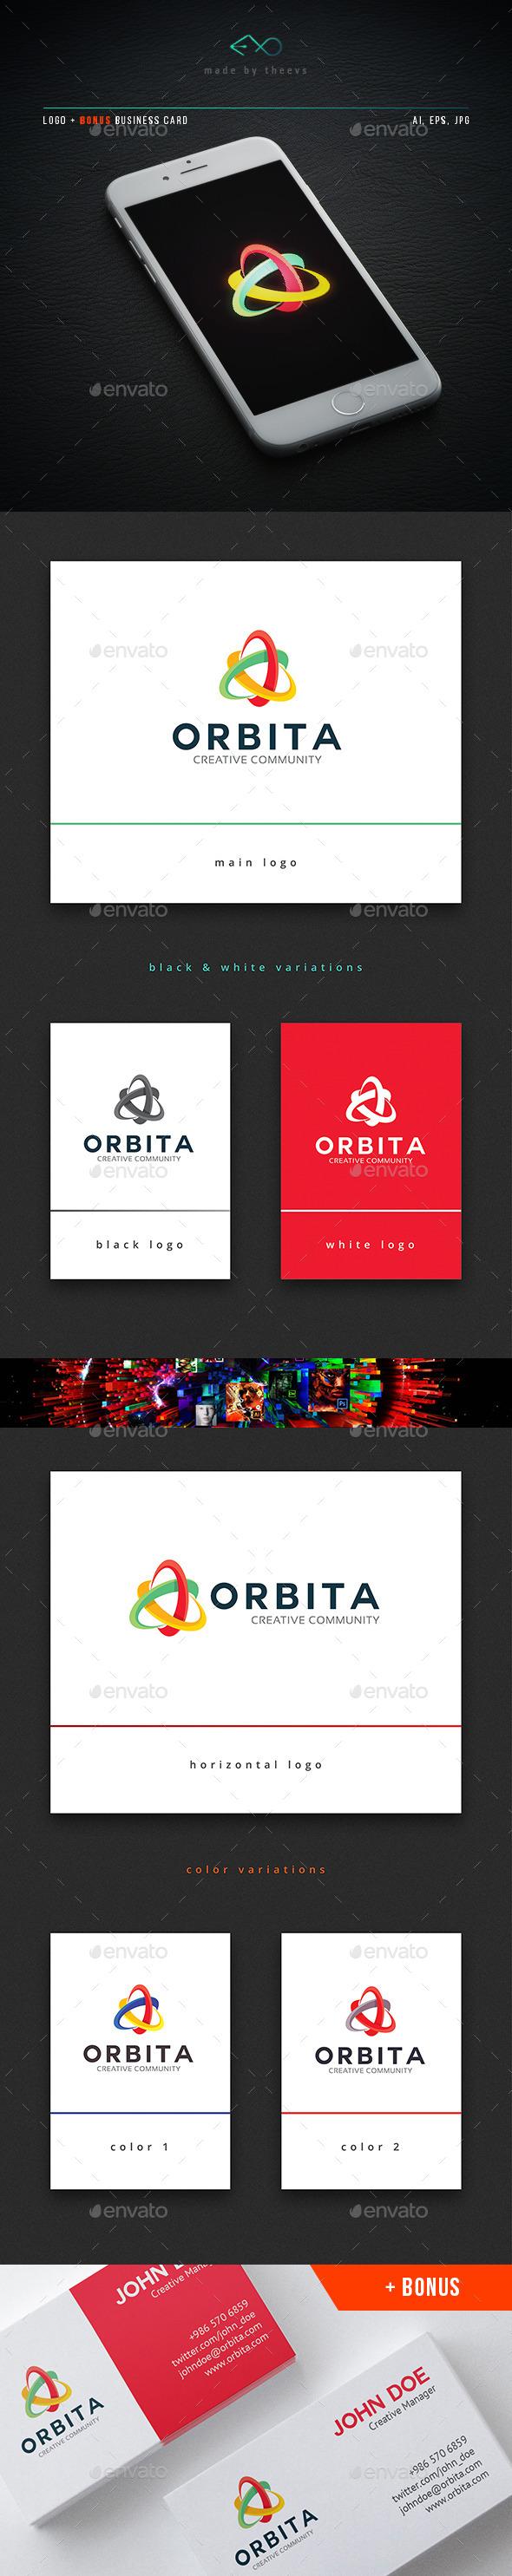 Orbita - Vector Abstract